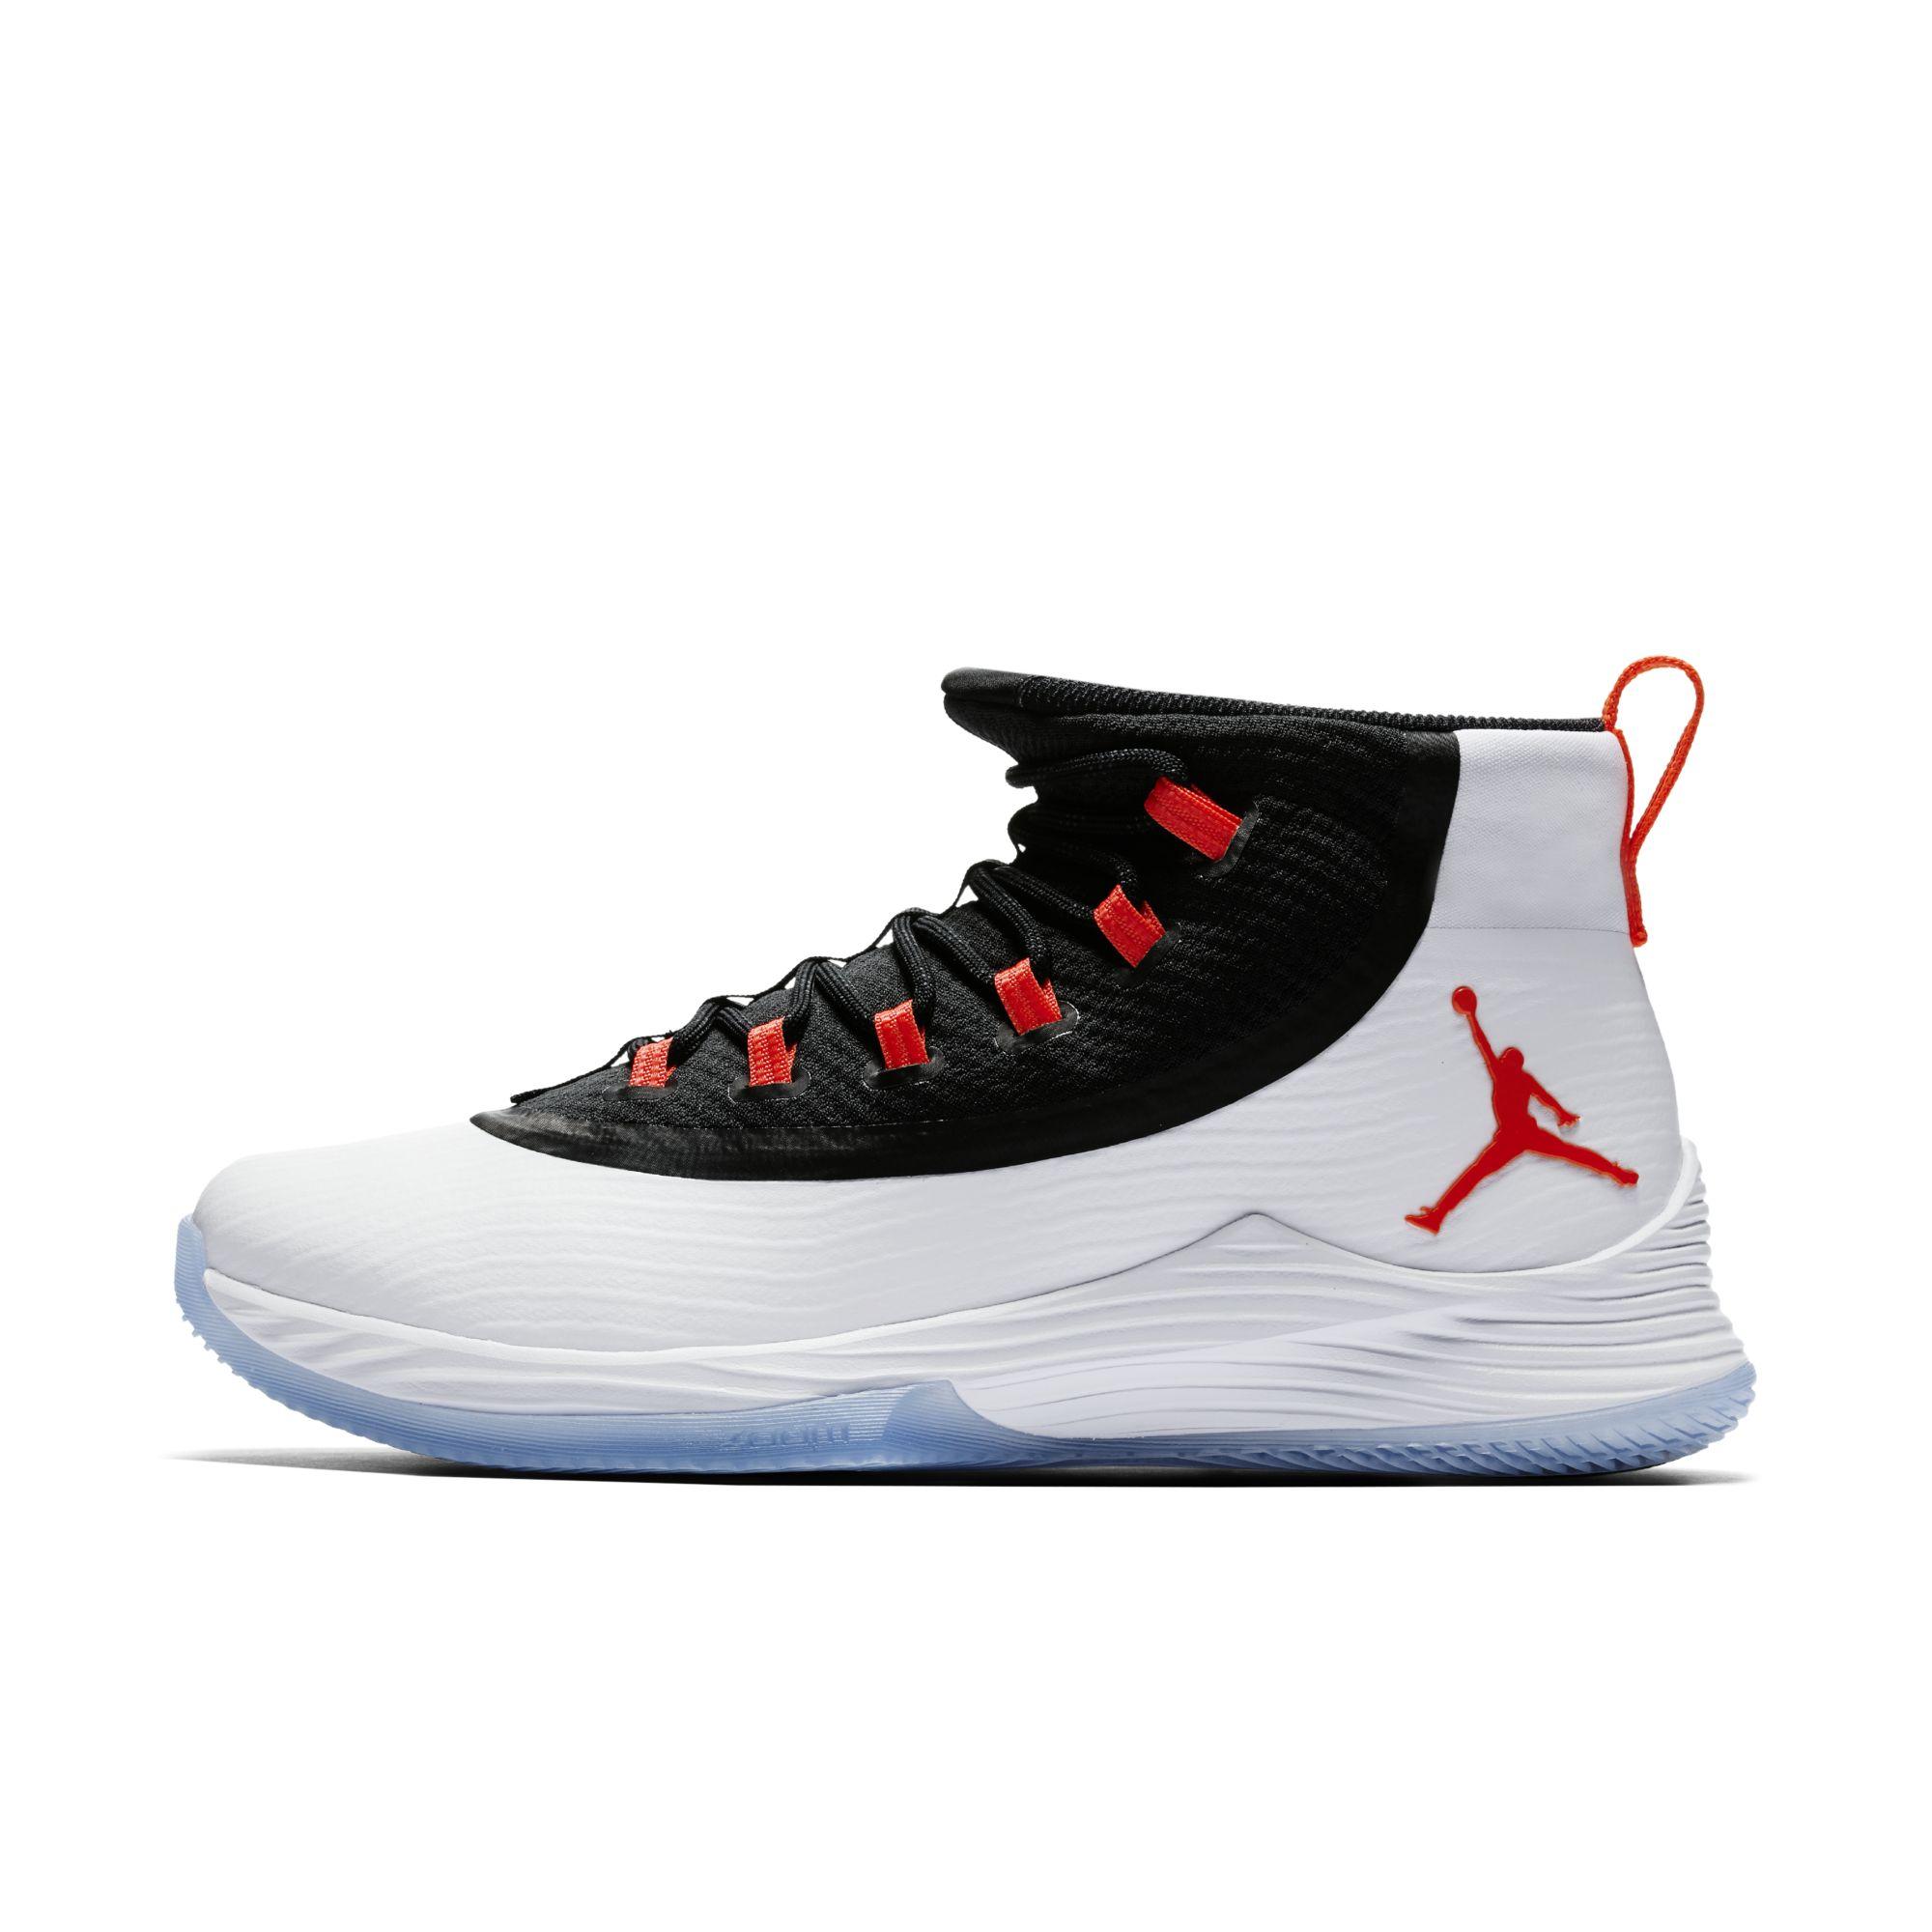 Jordan-Ultra-Fly-2-Black-White-Red-1